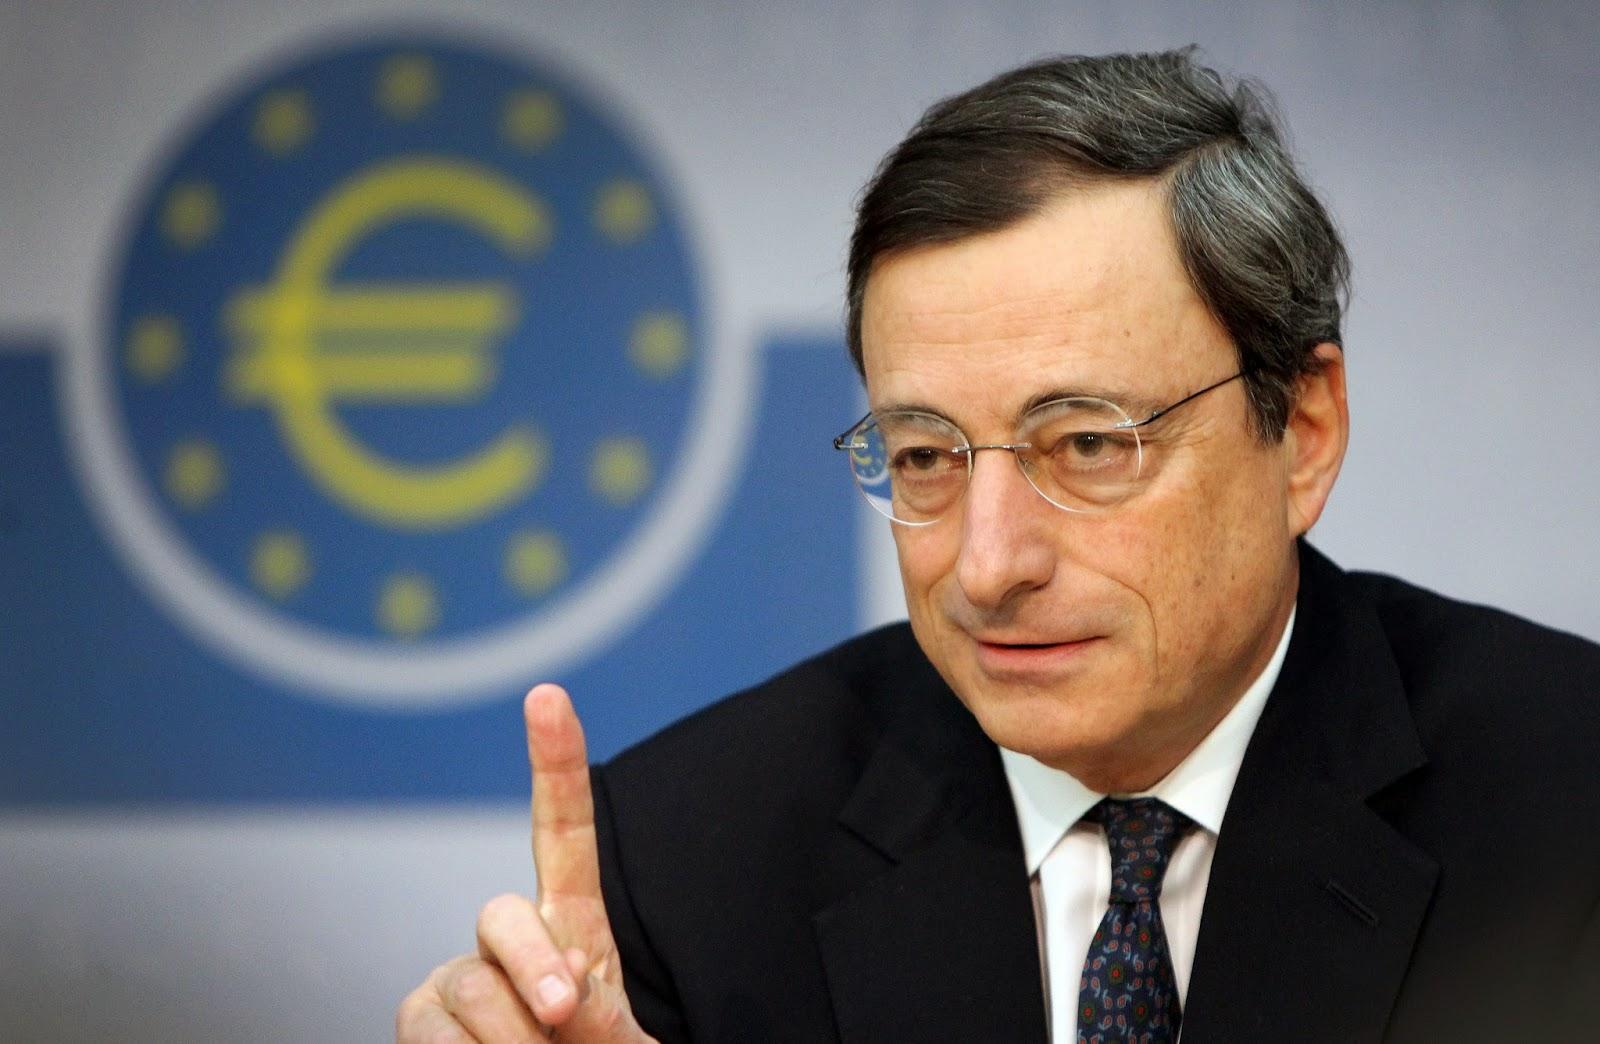 Draghi siguiendo los dictados de la banca privada y del gobierno alemán